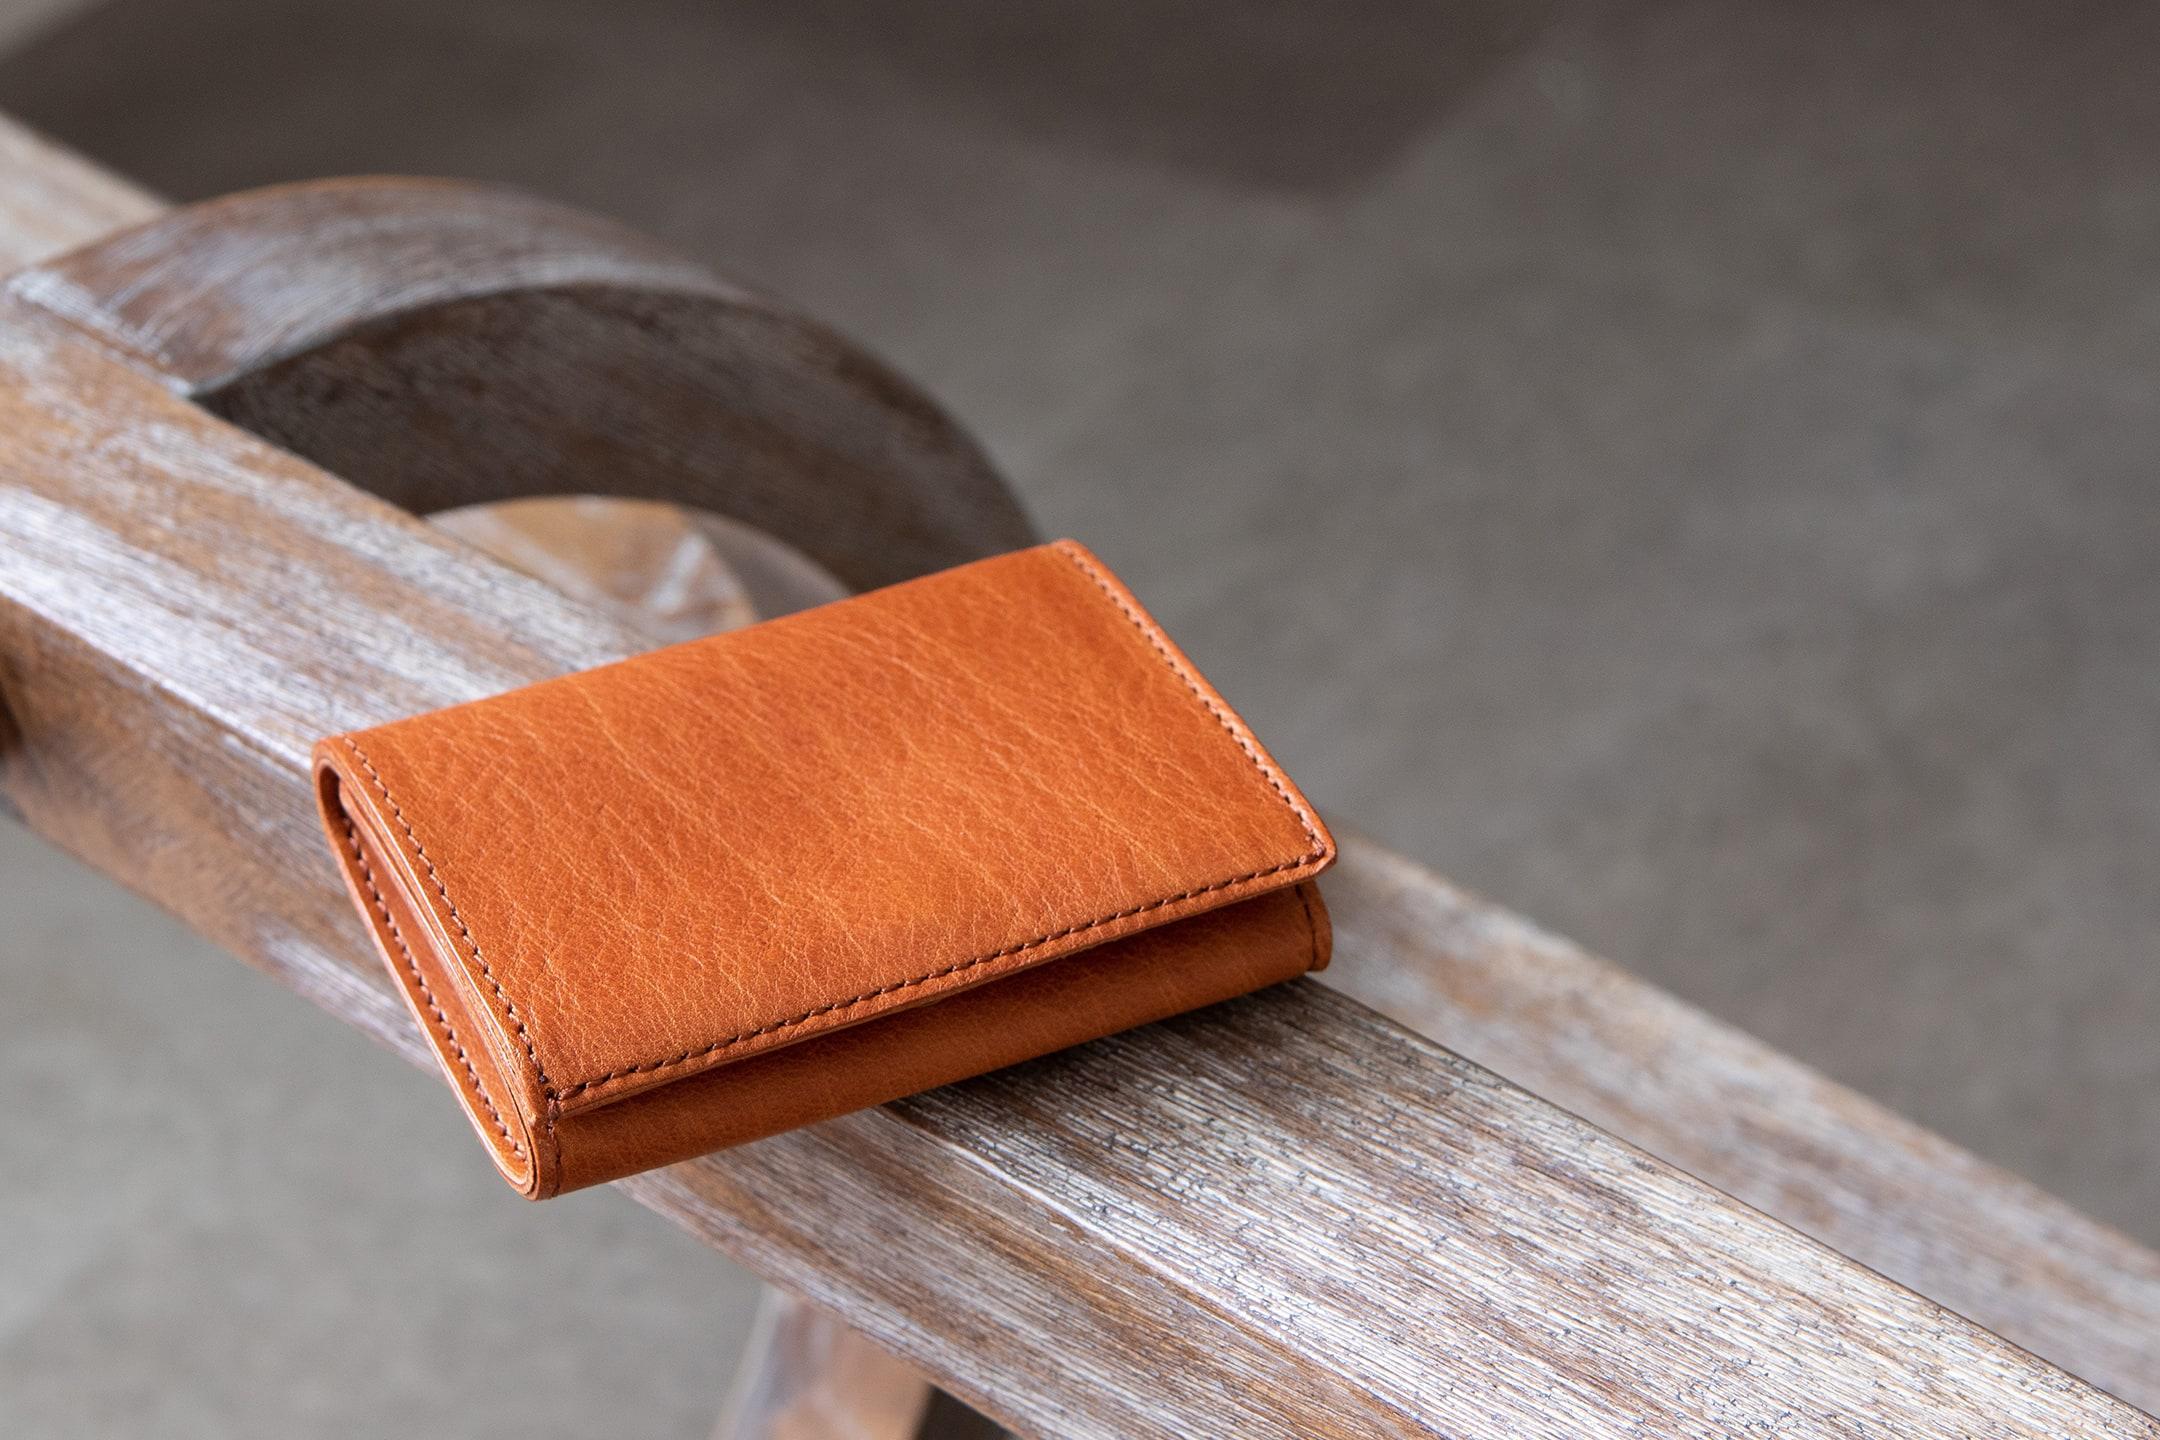 三つ折り財布  by WINS FACTORY(ウインズファクトリー)